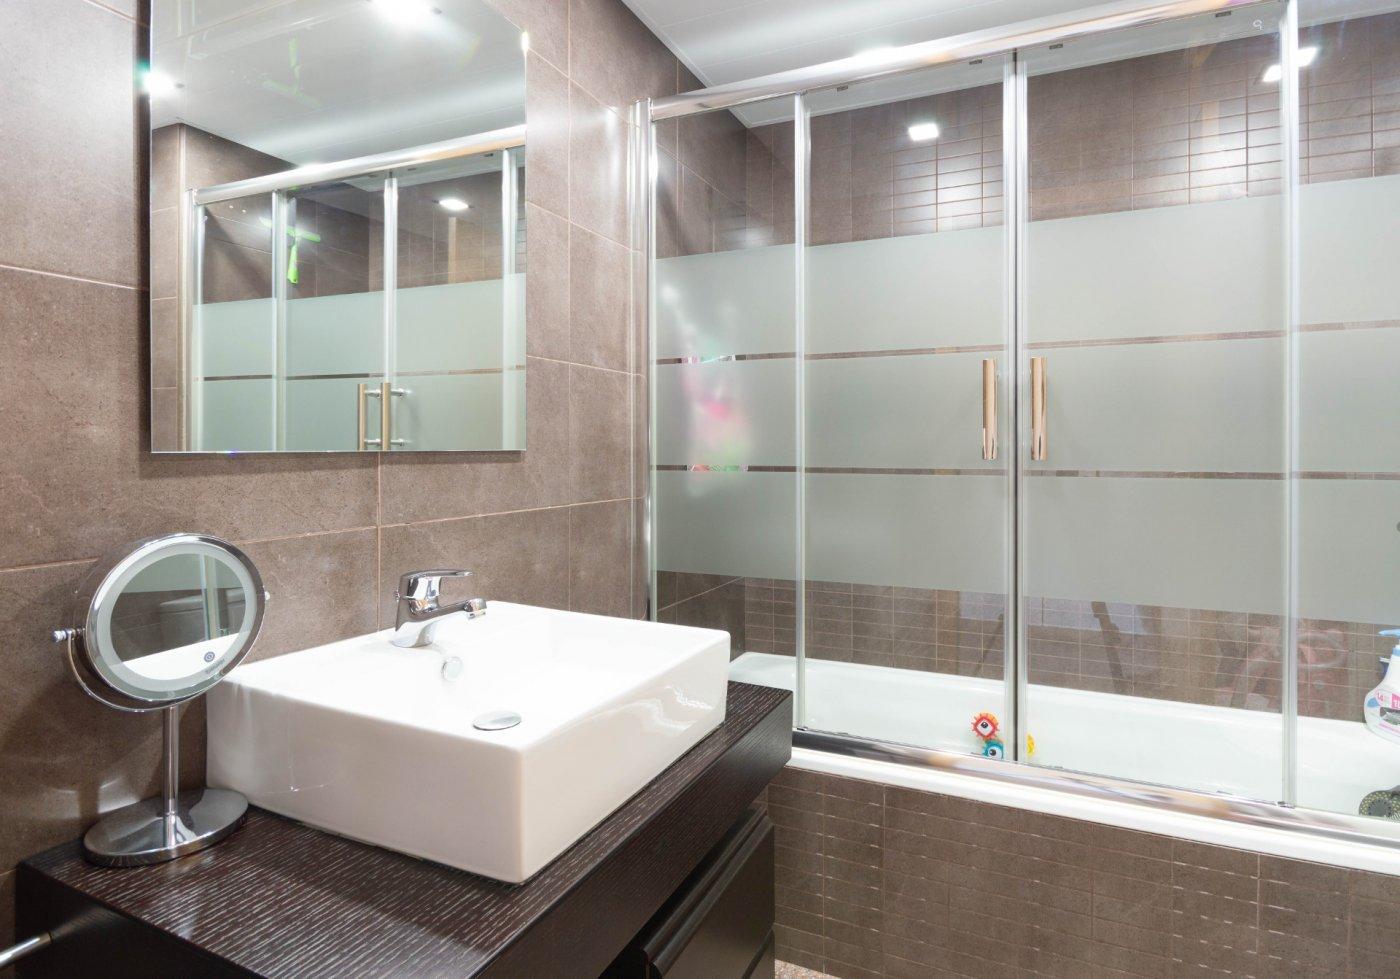 Piso de 50 m² en st. andreu de la b. zona raval de corbera. 2 hab., 1 baño, parking y tras - imagenInmueble15